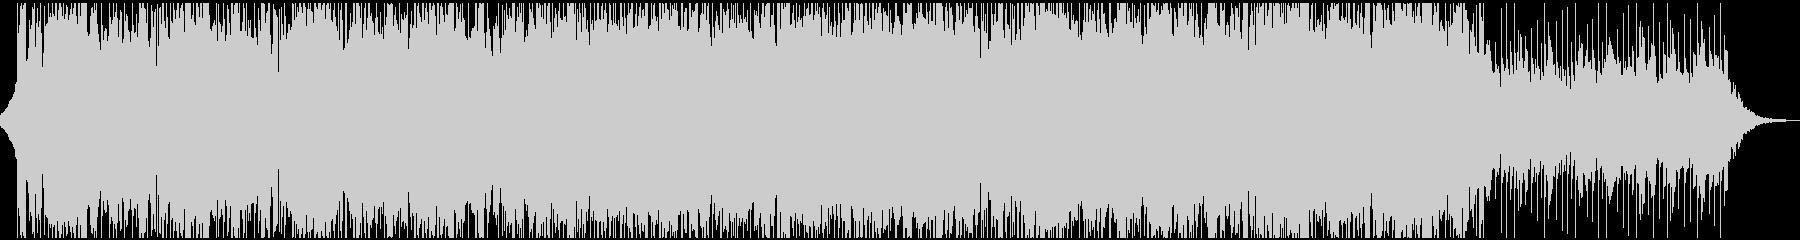 切ないコーポレート系BGMの未再生の波形